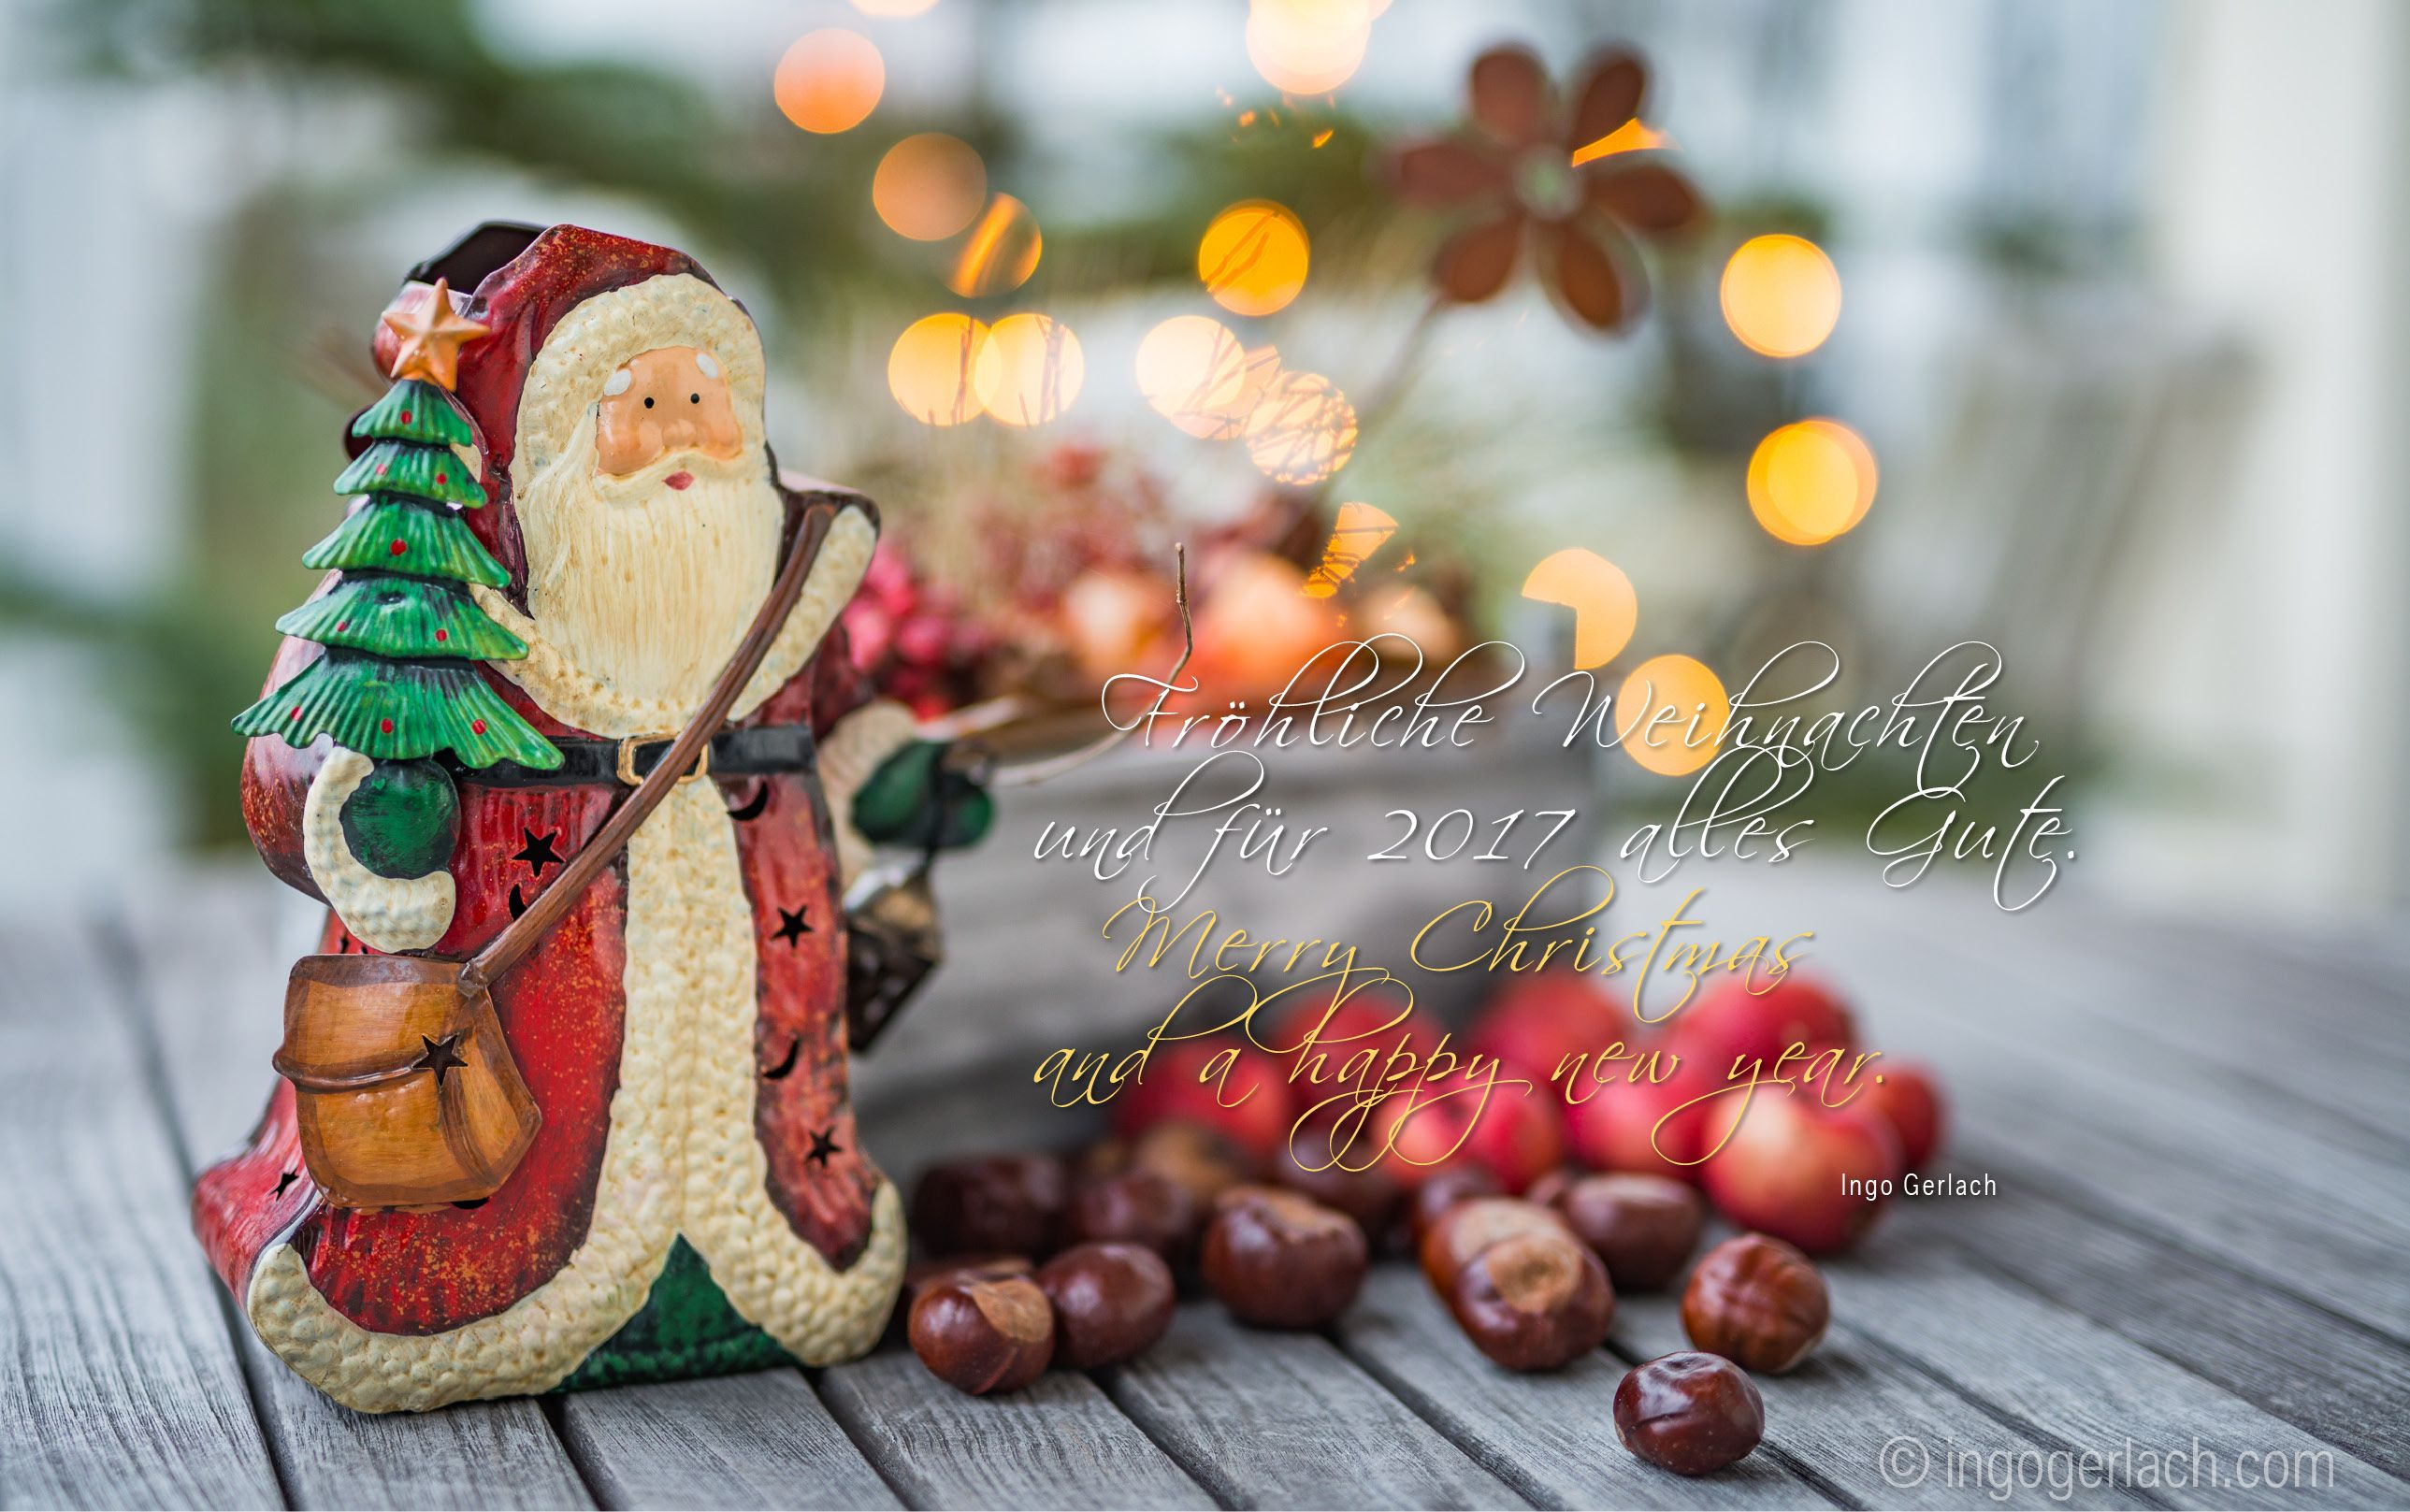 Best wishes for all my Friends.   Fröhliche Weihnachten und ein gutes erfolgreiches Jahr mit vielen wunderbaren Fotomotiven.     www.ingogerlach.com